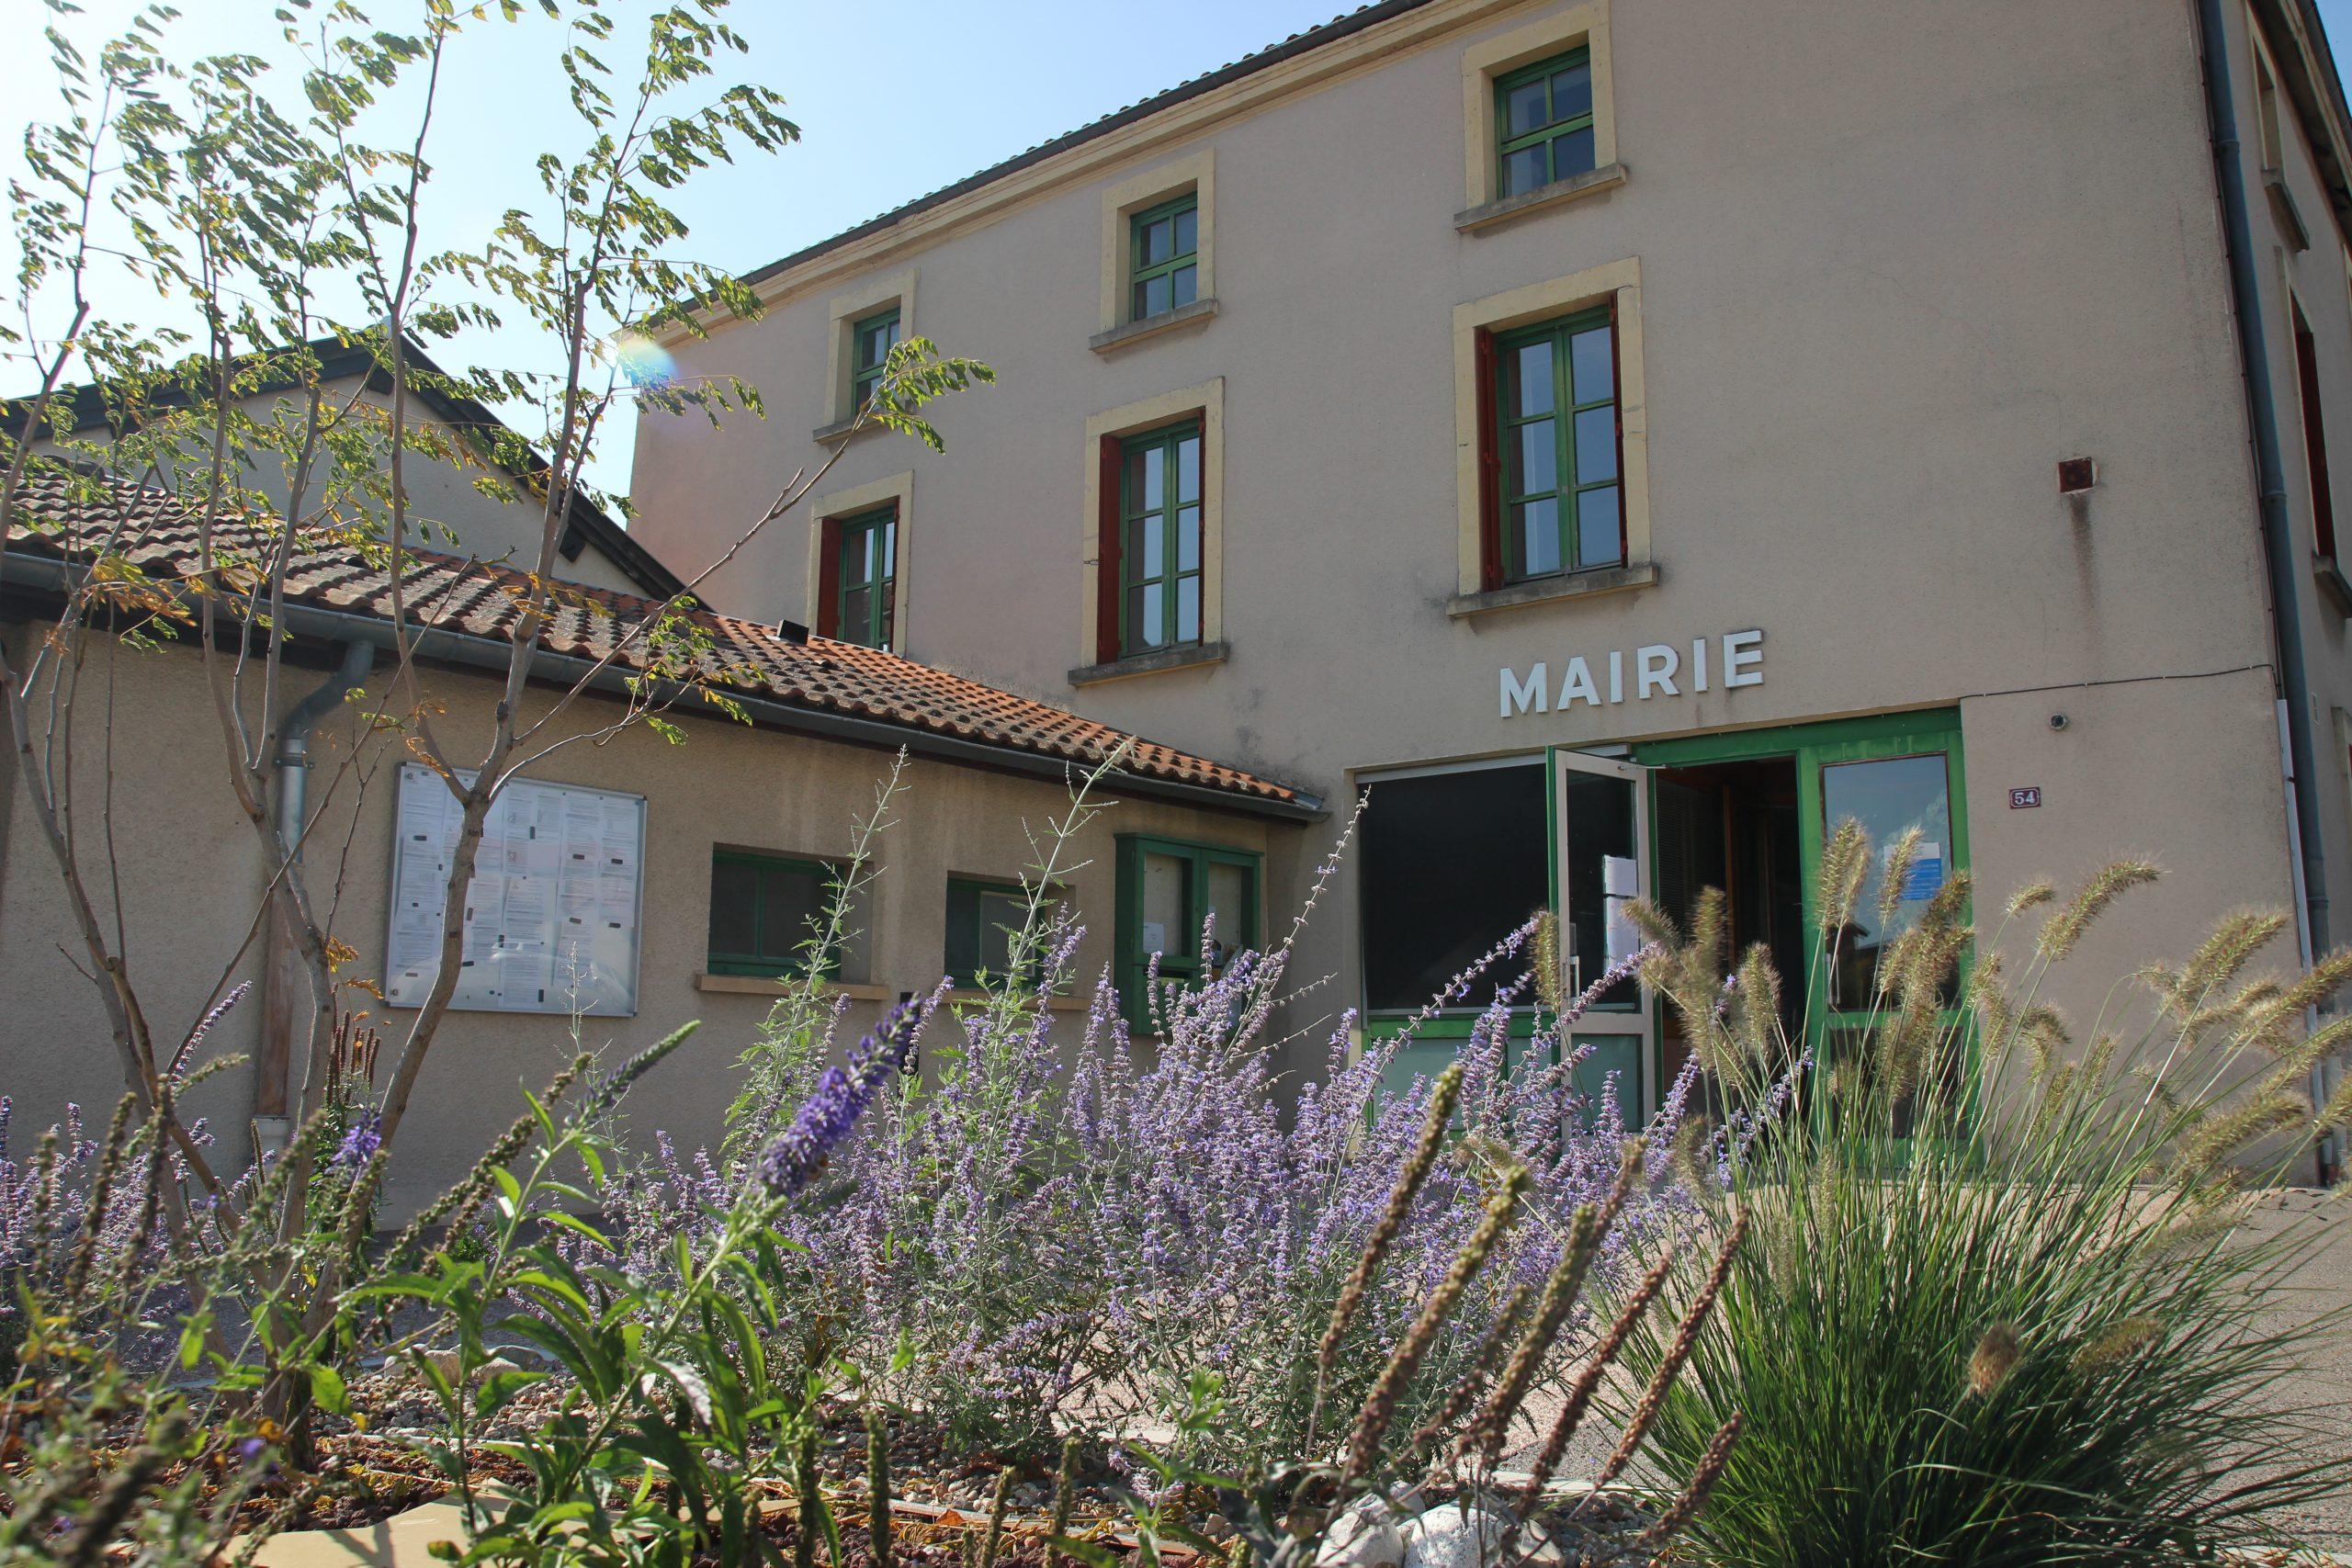 Mairie de Neulise